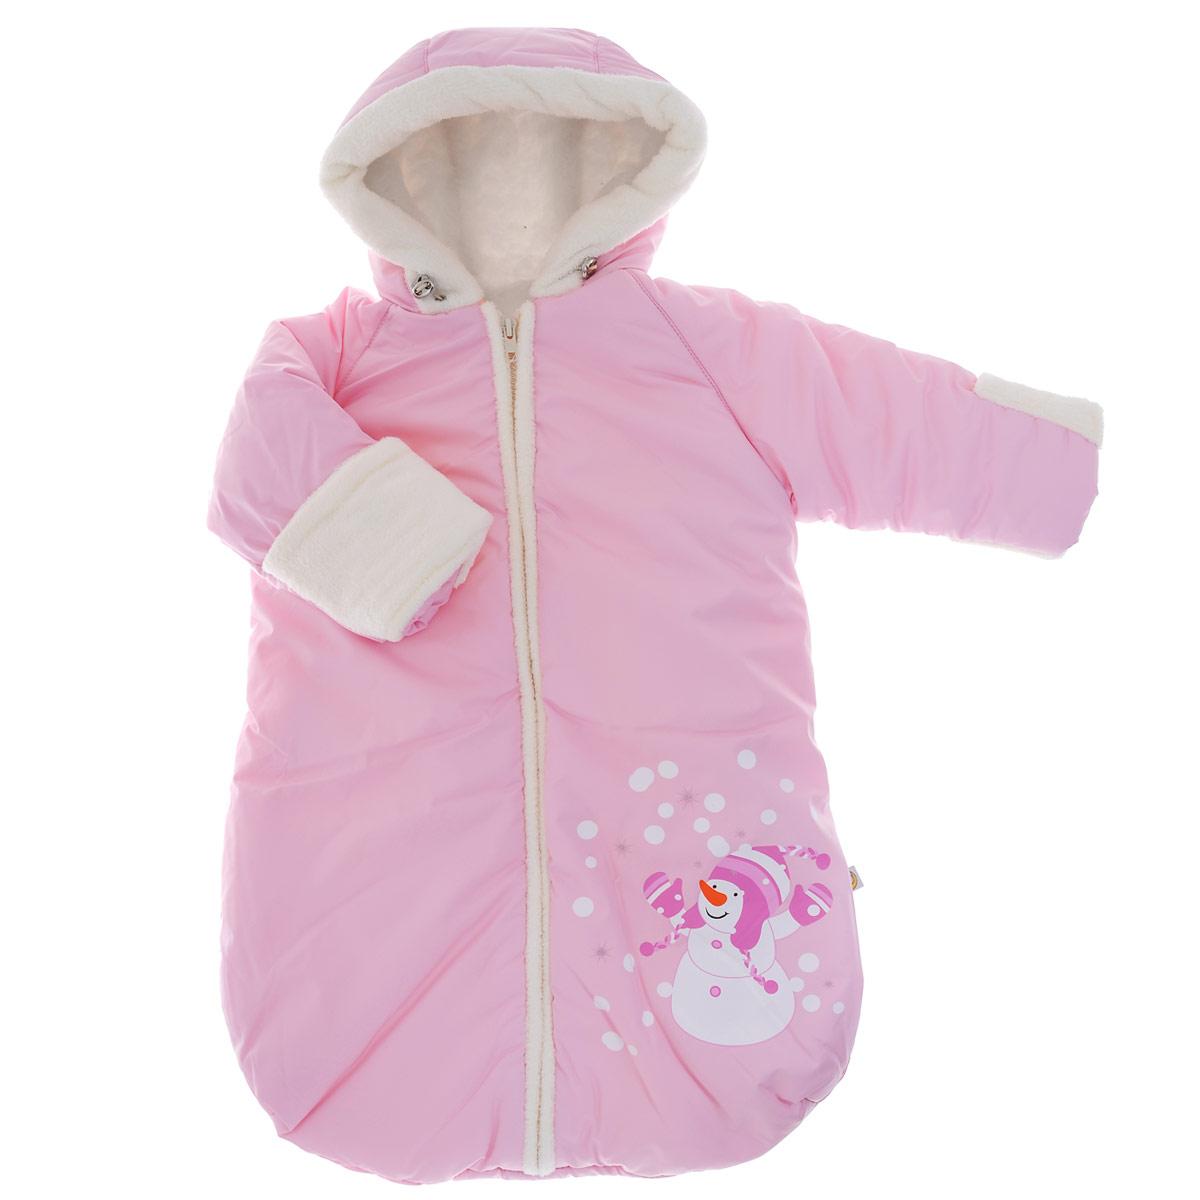 Конверт для новорожденного980/1Теплый конверт для новорожденного Сонный гномик Снеговичок идеально подойдет для ребенка в холодное время года. Конверт изготовлен из водоотталкивающей и ветрозащитной ткани Dewspo (100% полиэстер) на подкладке из шерсти с добавлением полиэстера. В качестве утеплителя используется шелтер (100% полиэстер). Шелтер (Shelter) - утеплитель нового поколения с тонкими волокнами. Его более мягкие ячейки лучше удерживают воздух, эффективнее сохраняя тепло. Более частые связи между волокнами делают утеплитель прочным и позволяют сохранить его свойства даже после многократных стирок. Утеплитель шелтер максимально защищает от холода и не стесняет движений. Конверт с капюшоном и рукавами-реглан спереди застегивается на длинную застежку- молнию. Капюшон не отстегивается и дополнен скрытой кулиской на стопперах. Рукава дополнены широкими эластичными манжетами и отворотами. Низ рукавов, планка, окантовка капюшона и подкладка рукавов дополнены мягким ворсистым...